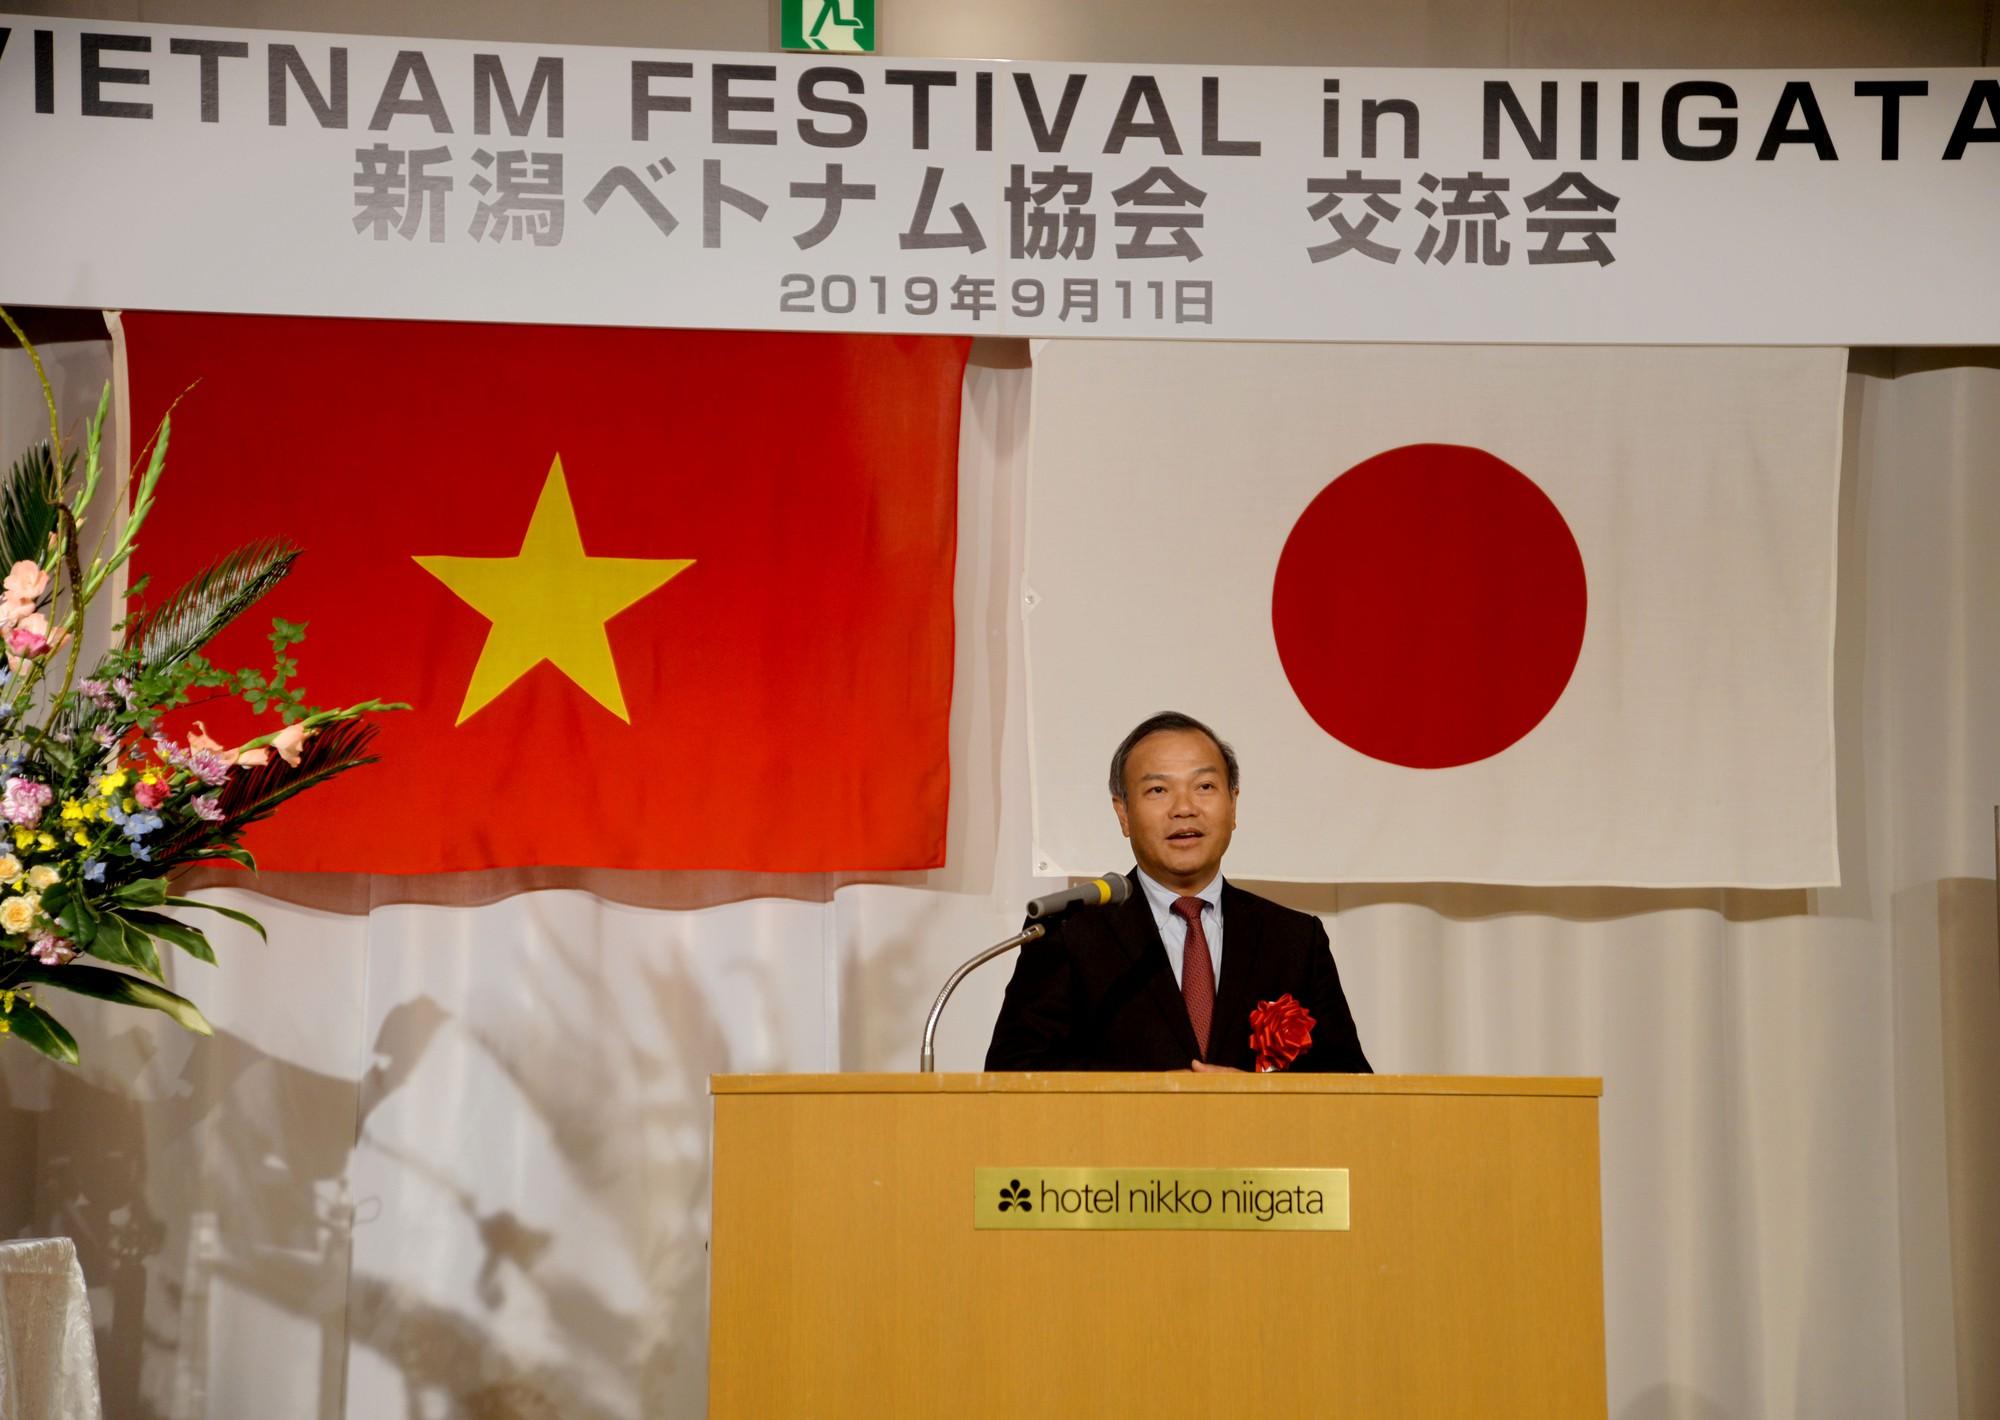 Lễ hội Việt Nam tại Niigata 2019 - Ảnh 2.